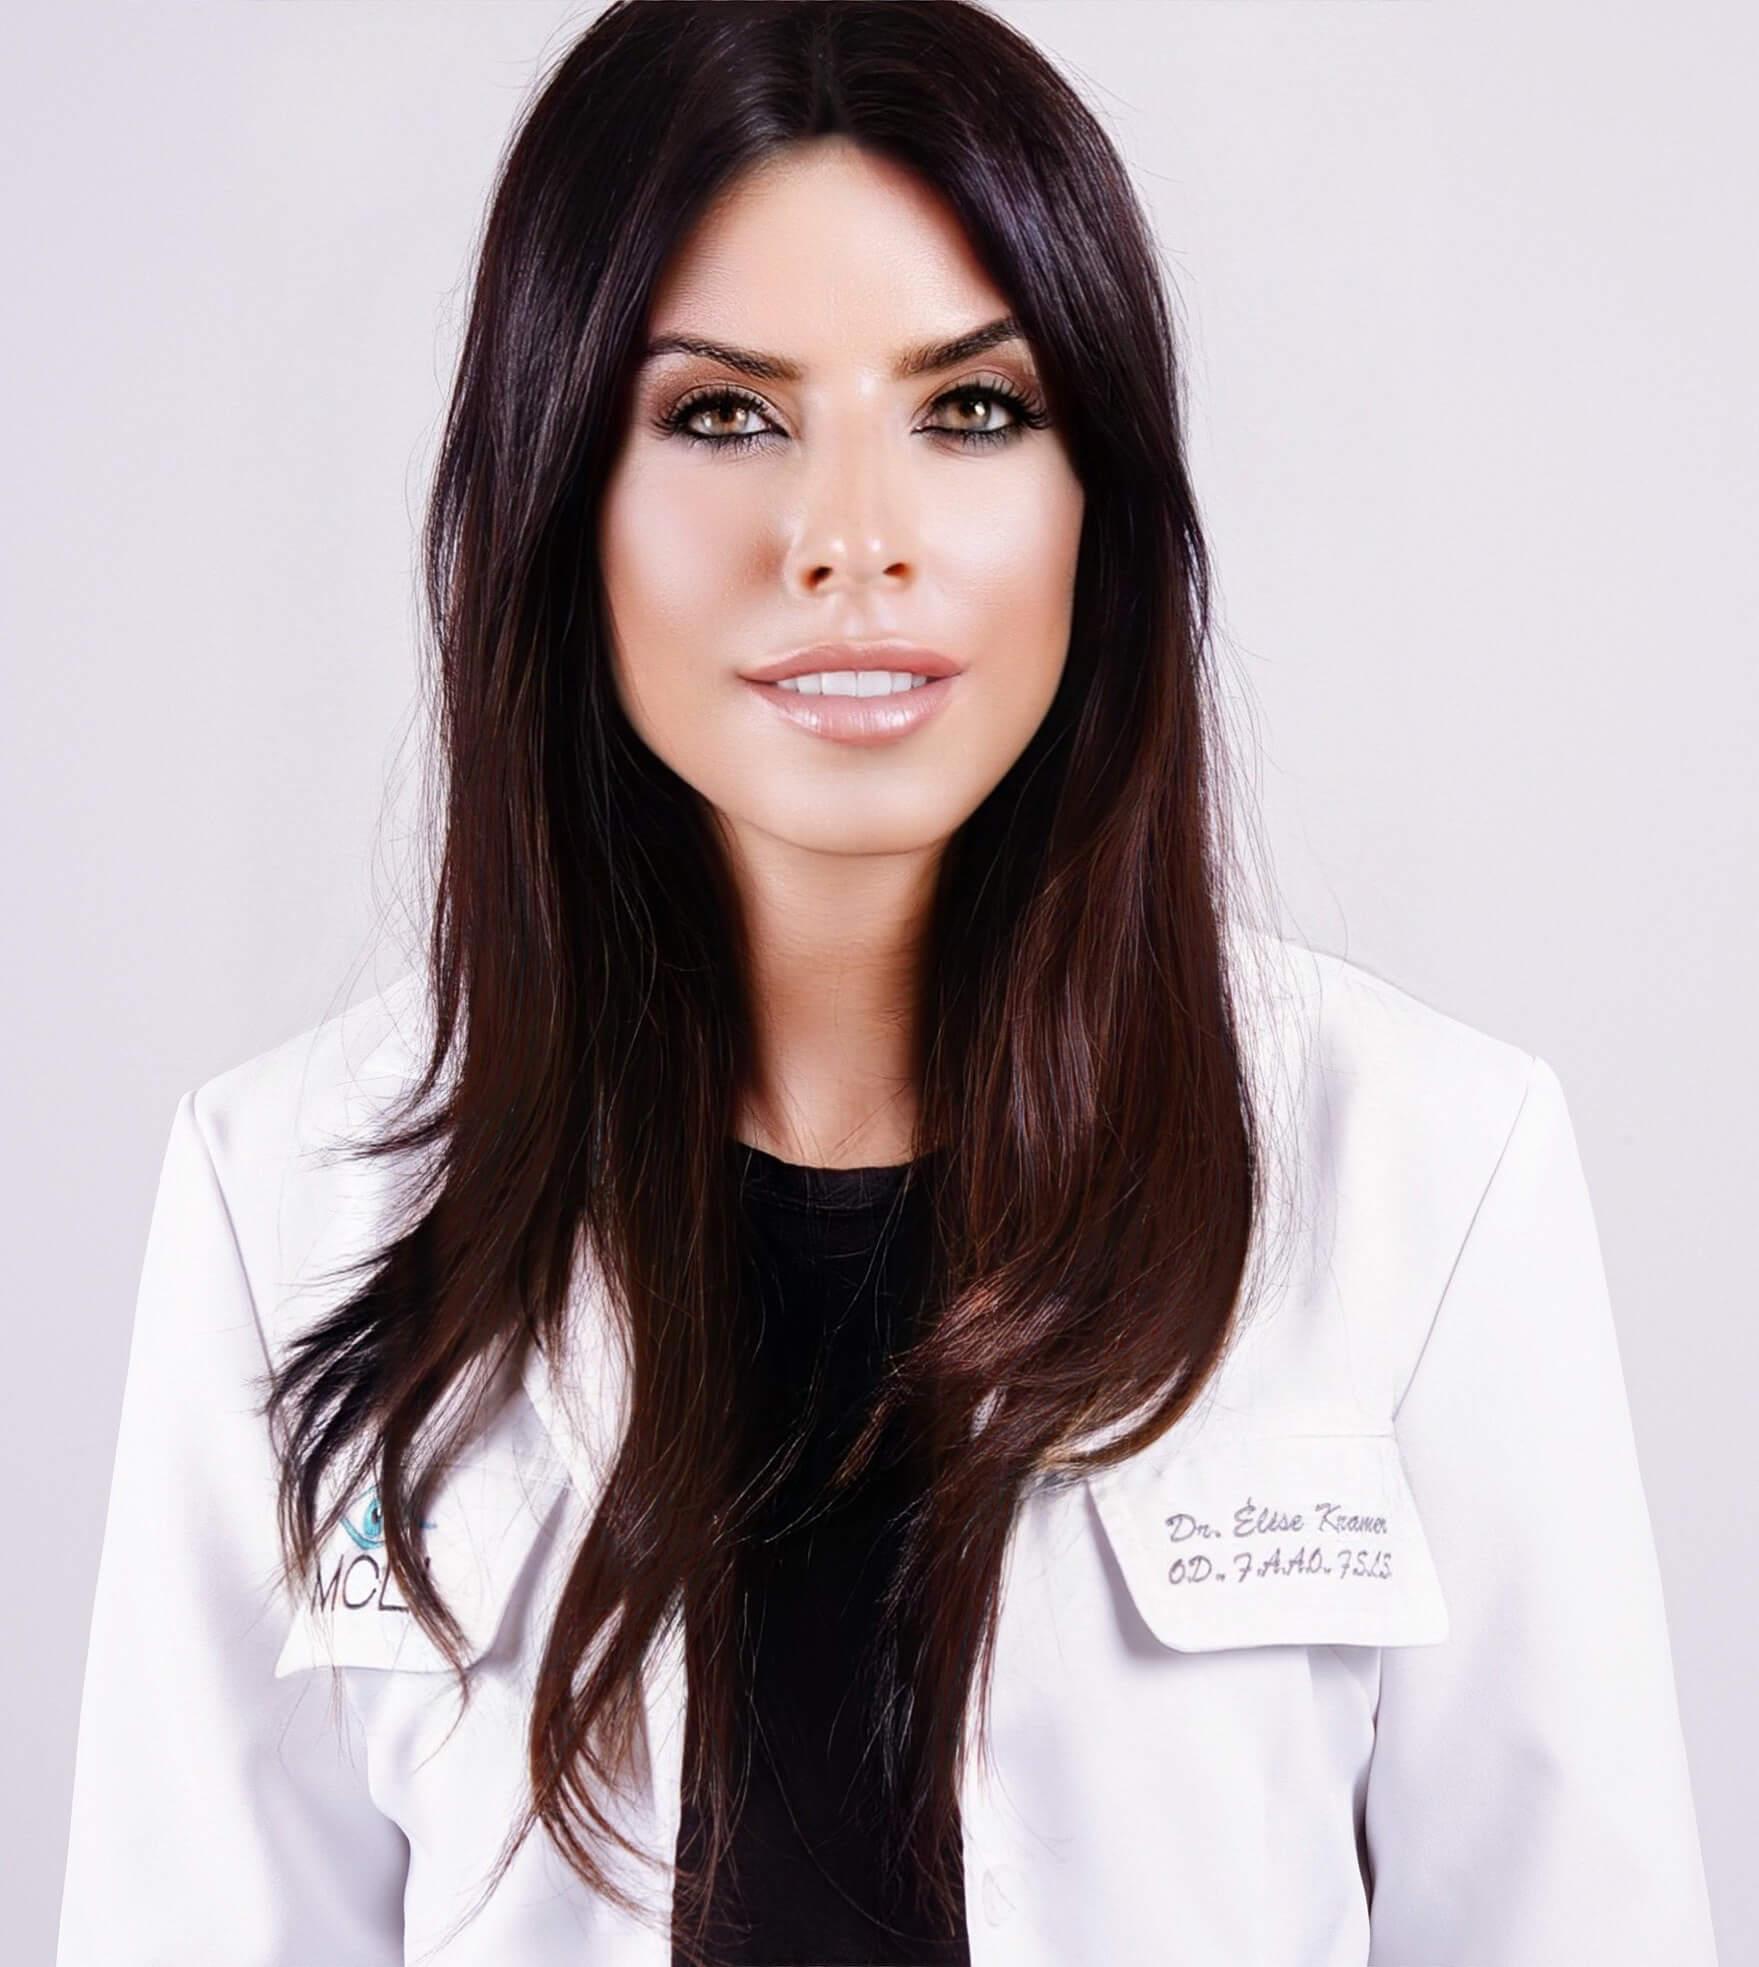 Dr. Elise Kramer - Optometrist